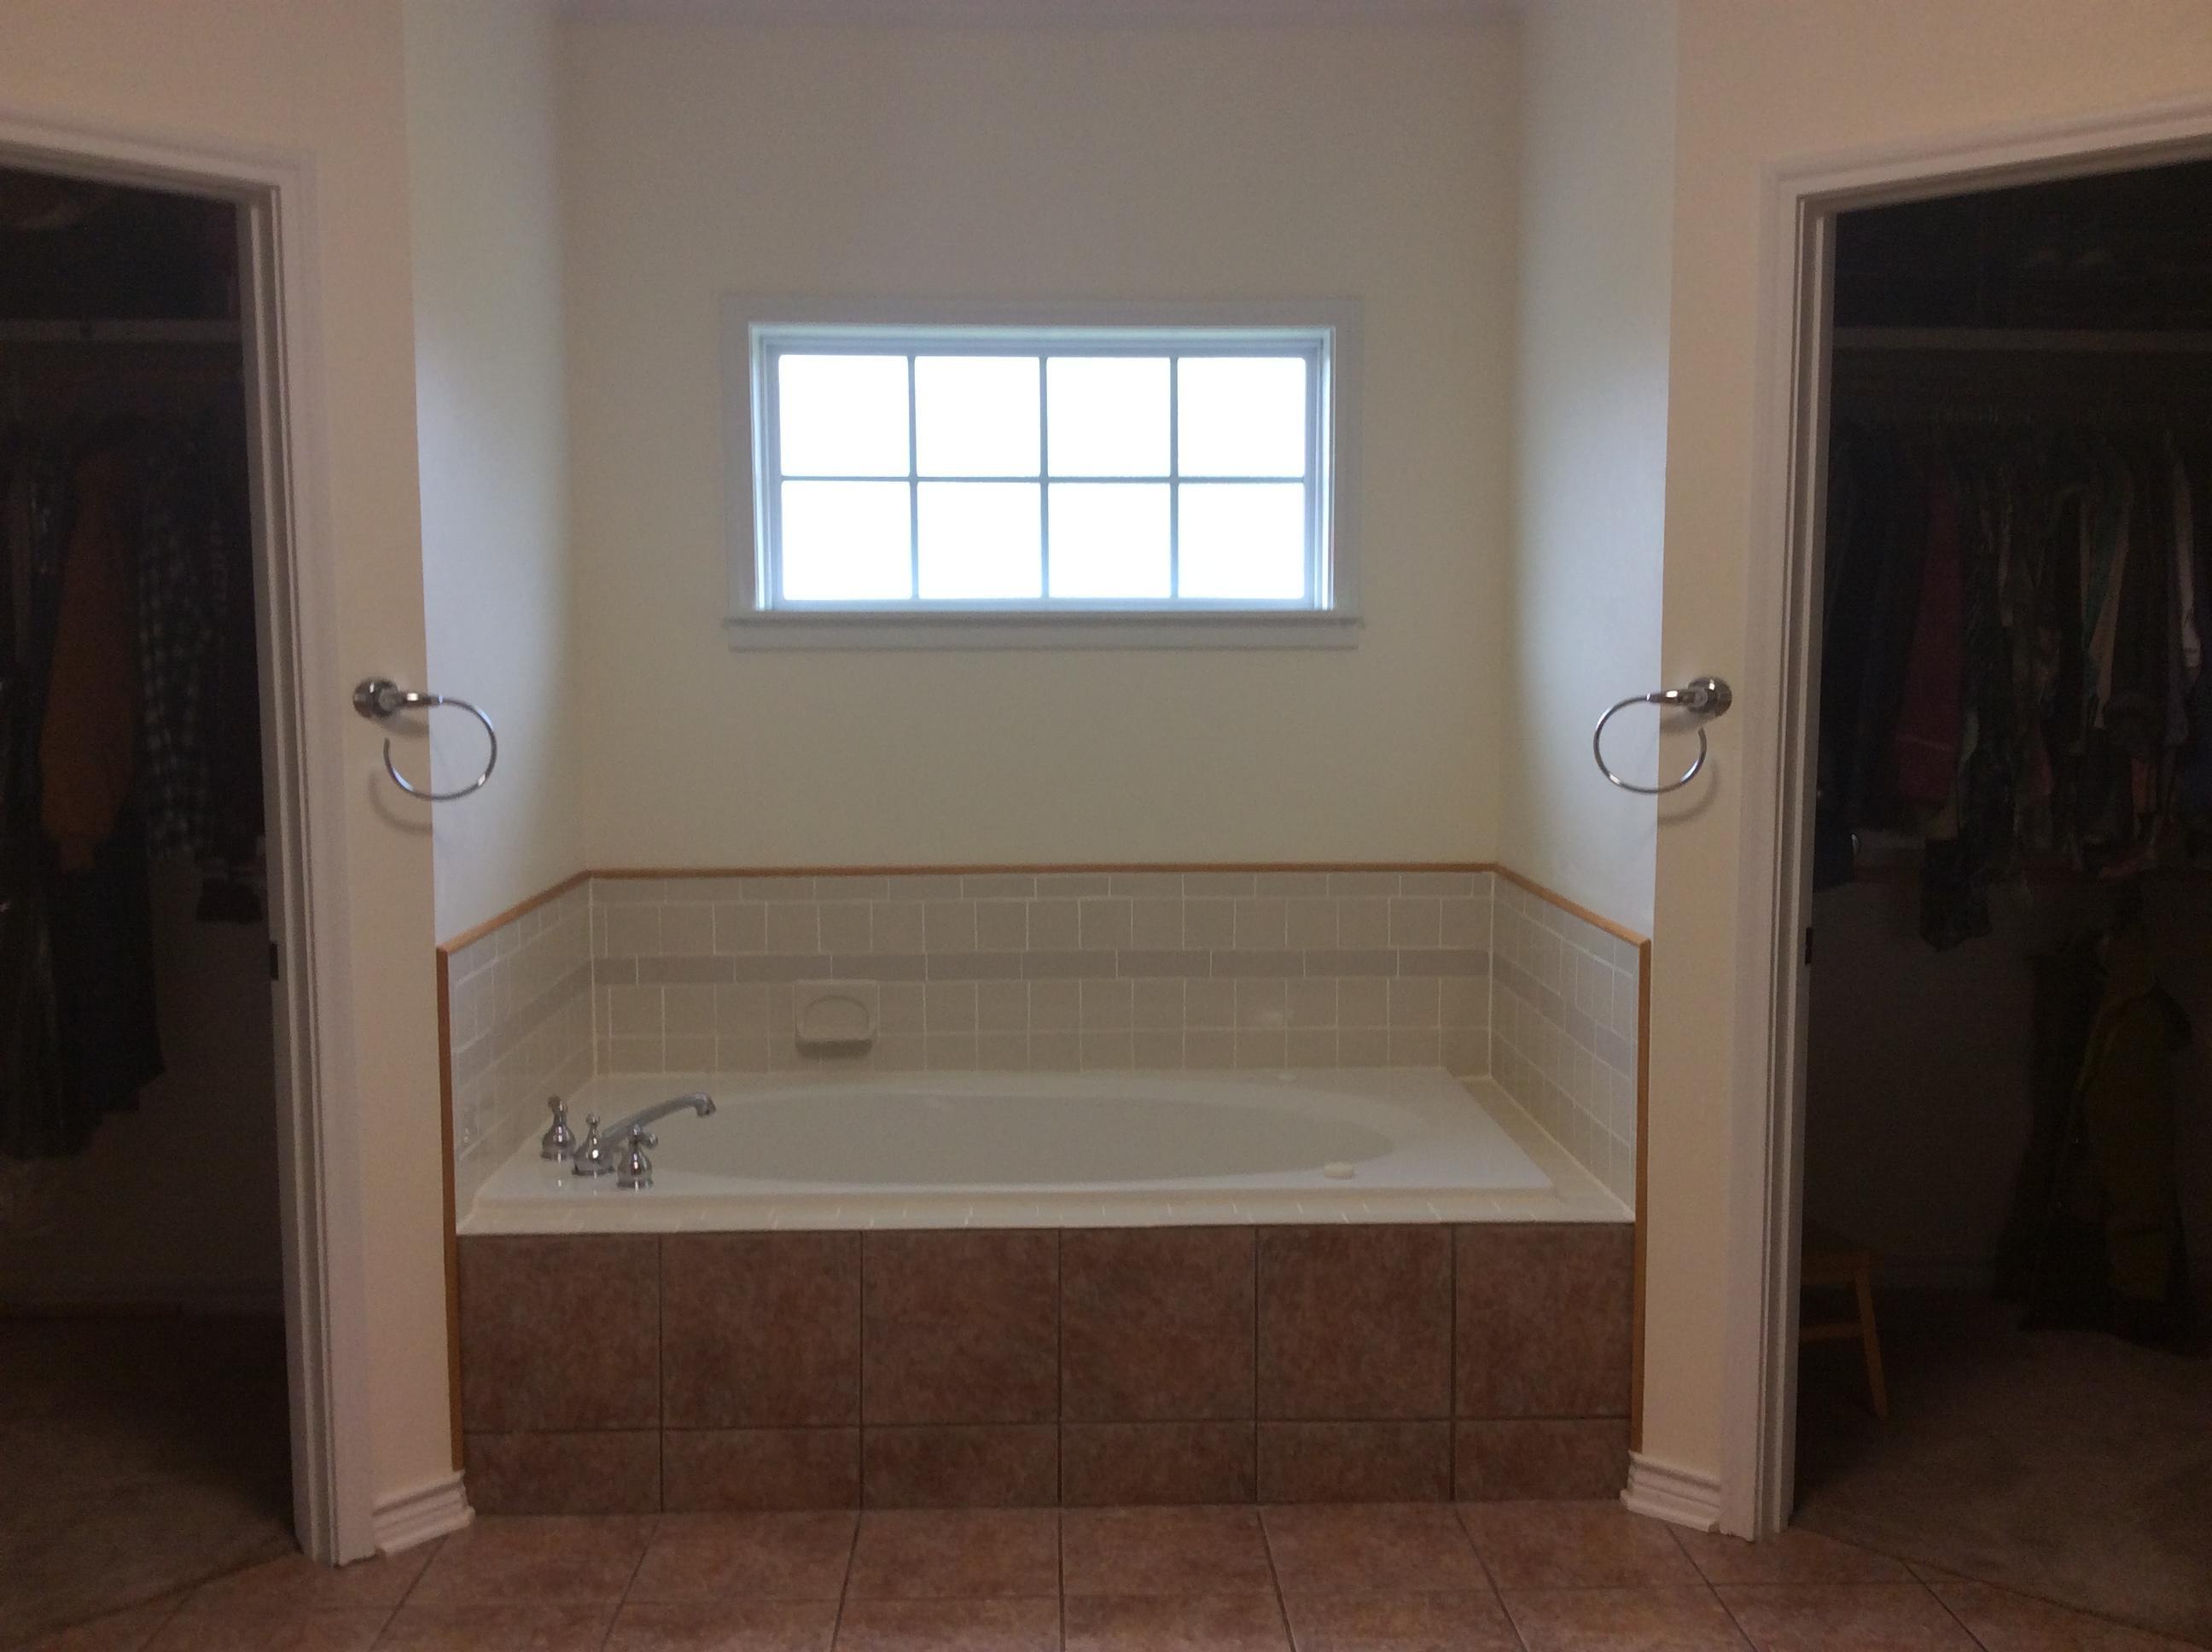 Merryville home for sale, 164 KIDDER LOOP, Merryville LA - $289,000